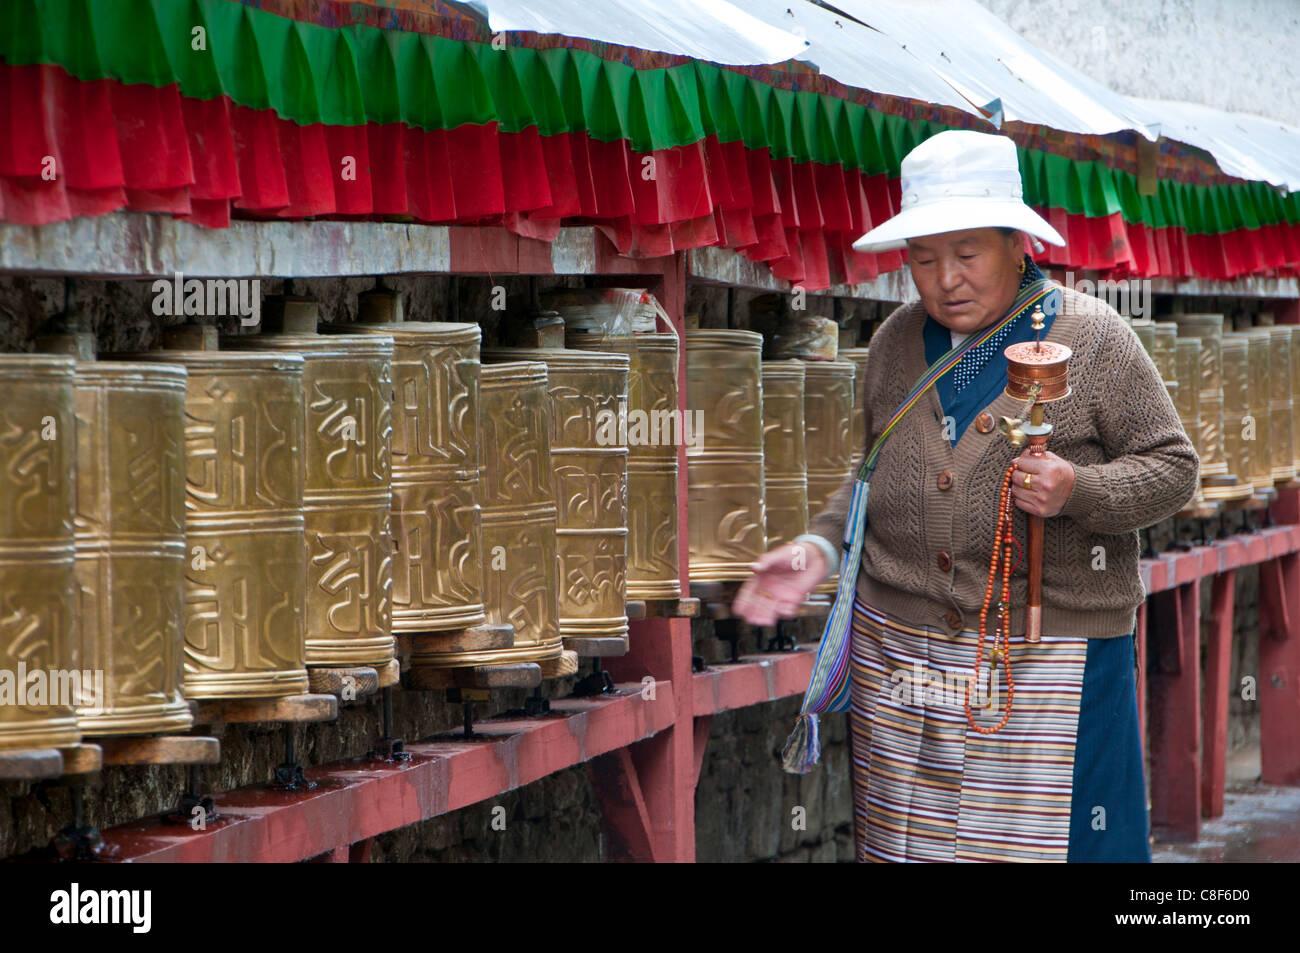 Vecchia donna camminando lungo il pregare ruote, Potala, Lhasa, in Tibet, in Cina Immagini Stock